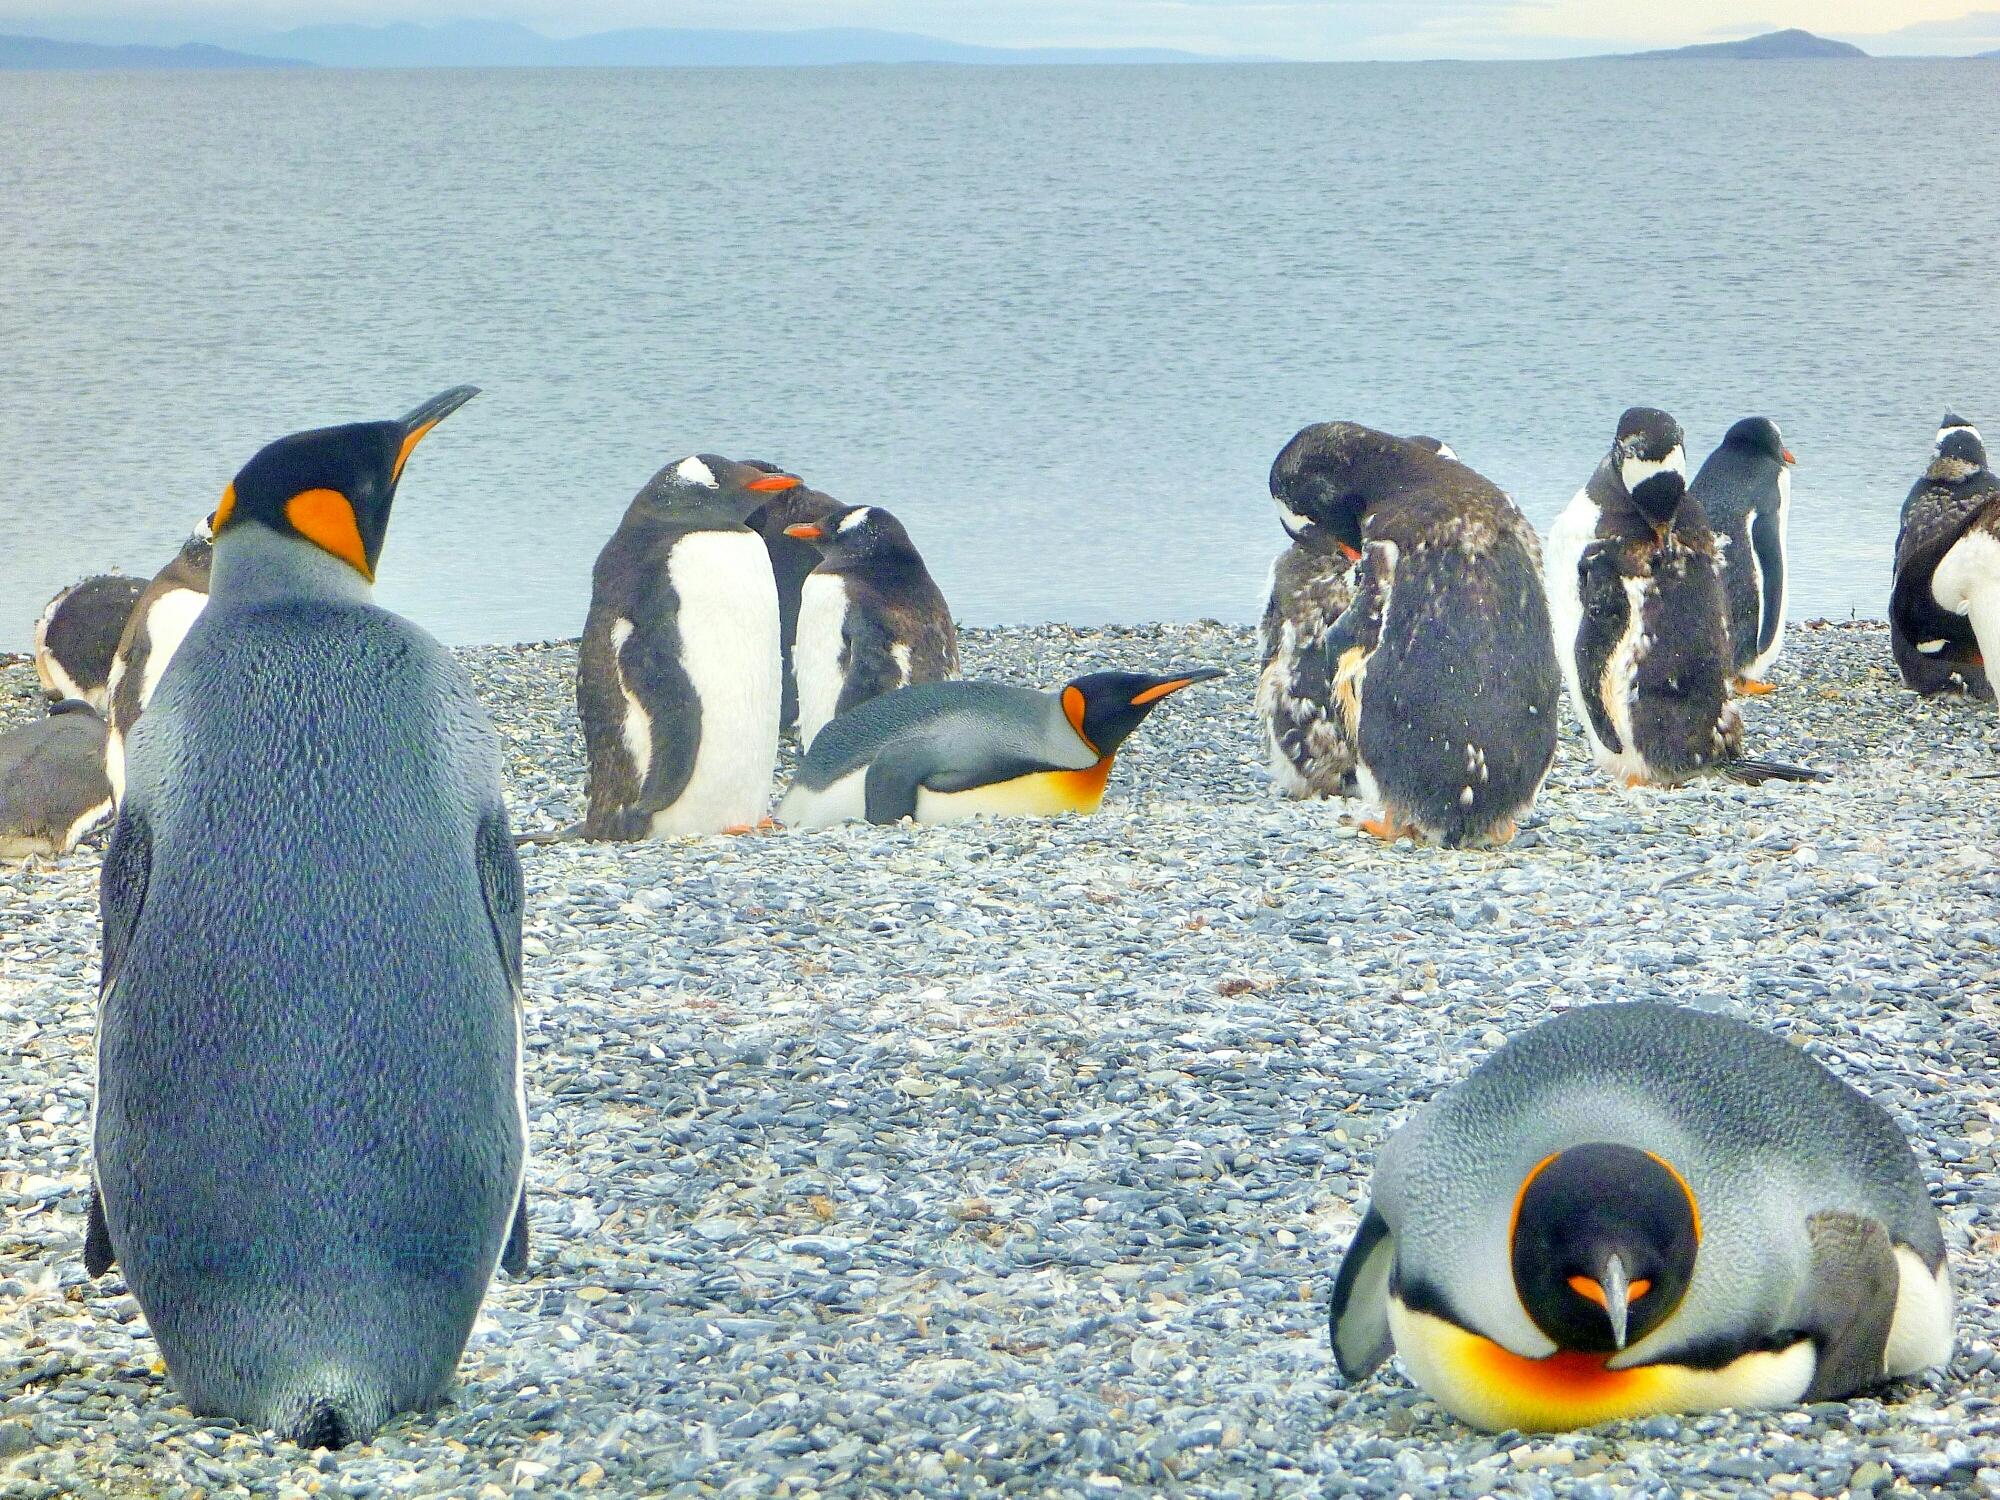 南極行-2016/2/24~3/5 之七 – 最終章/後記   PíngĀn Bāo環遊世界中的平安包